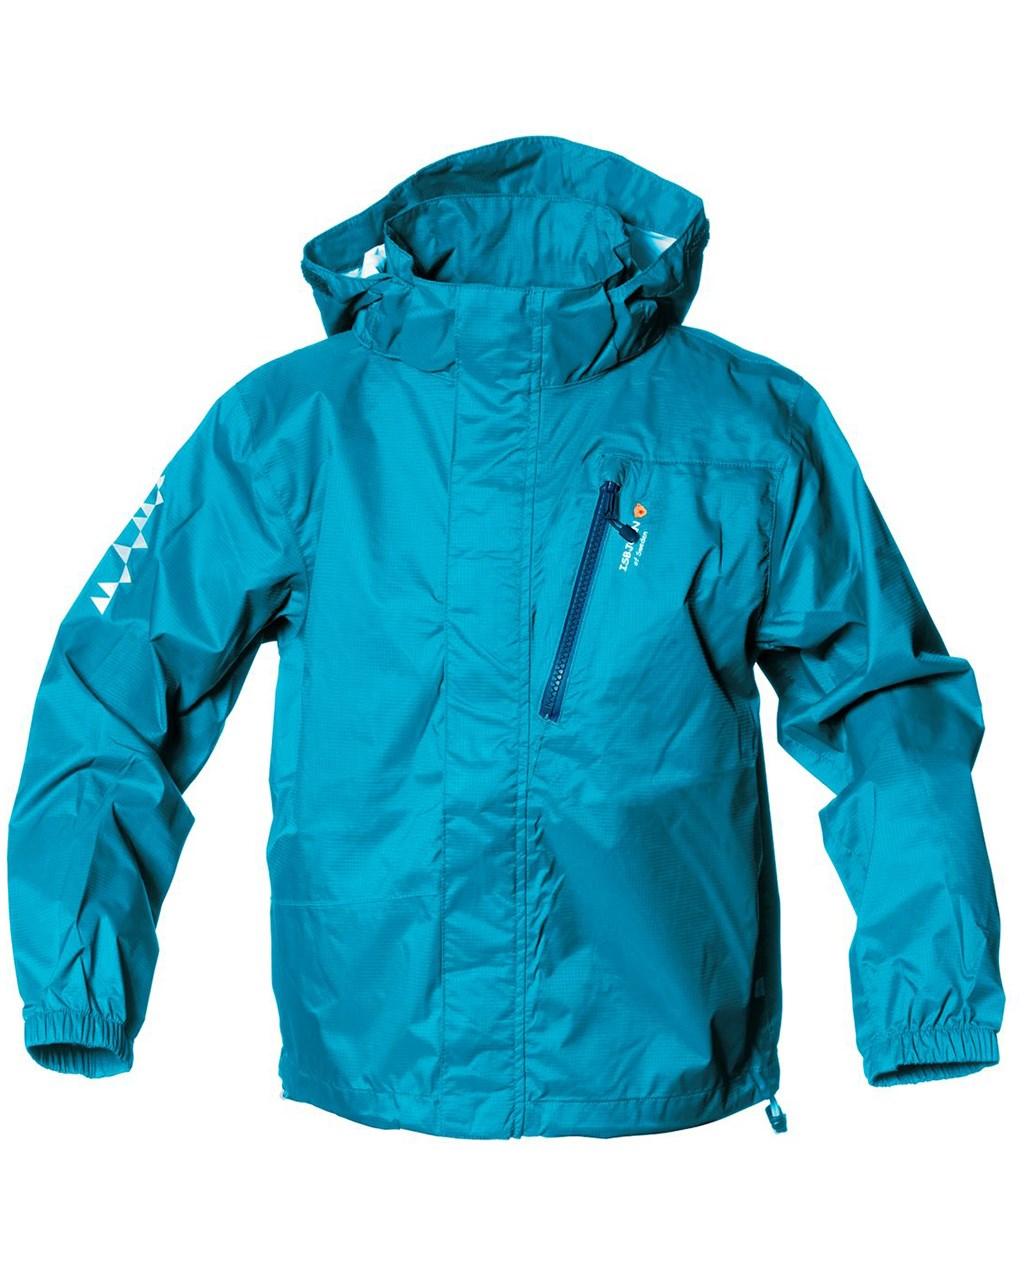 6504500c Isbjörn of Sweden. Light Wight Rain Jacket Kids Ice